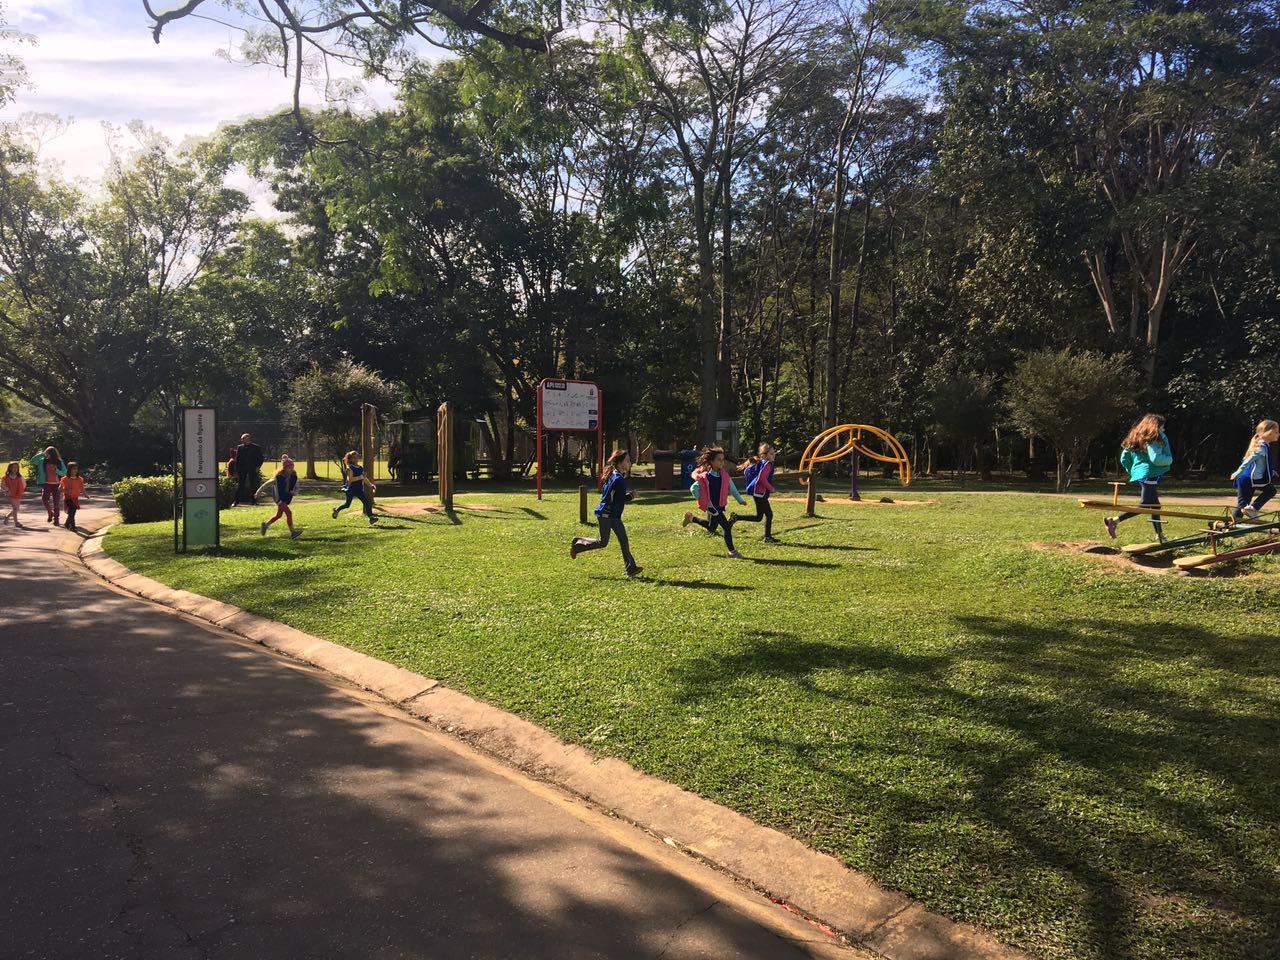 Escolas levam crianças ao parque durante as férias